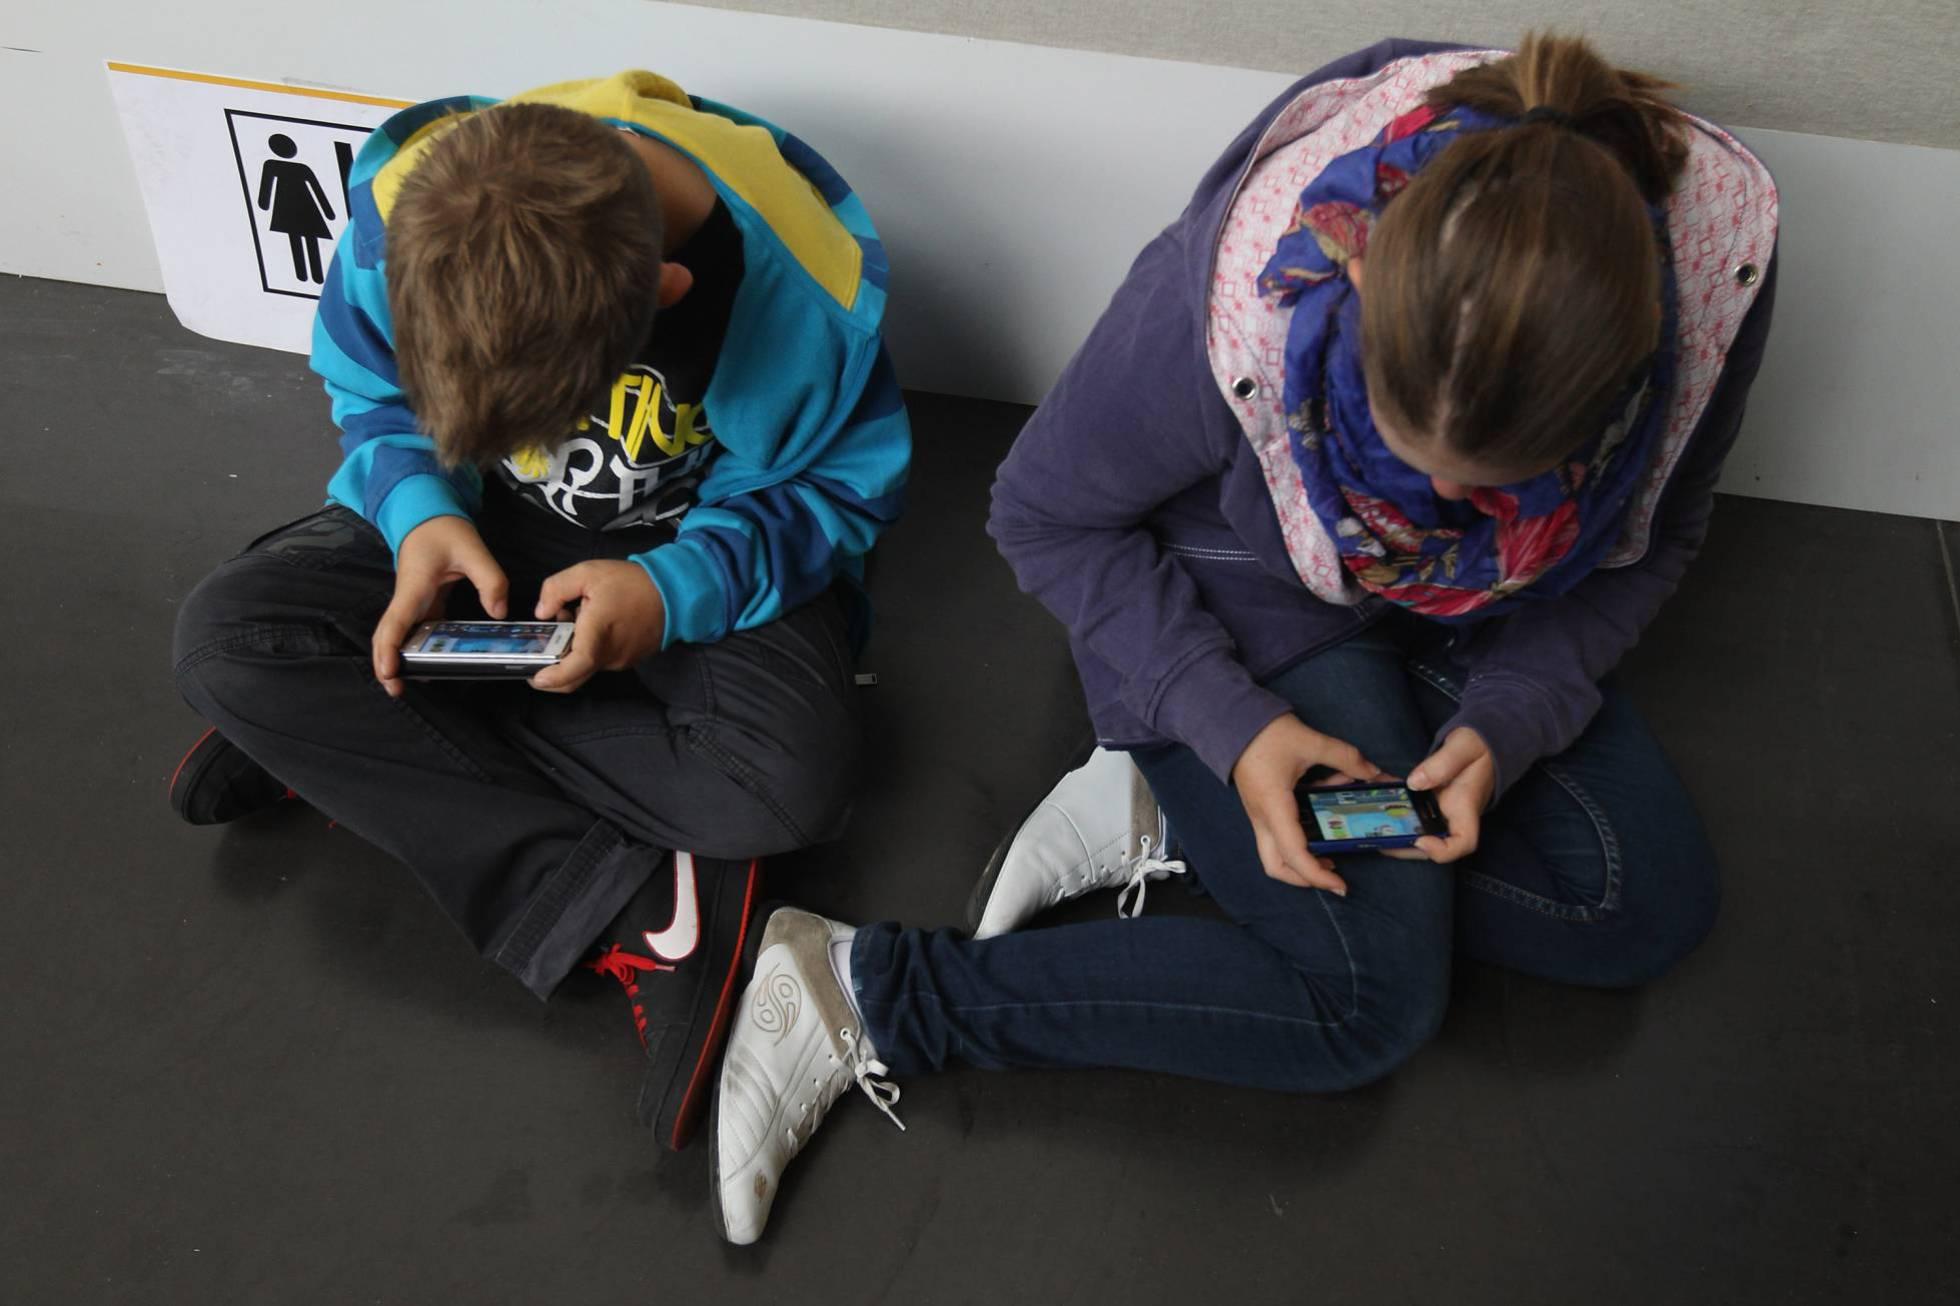 Absuelto de malos tratos un padre que requisó el móvil a su hija por portarse mal